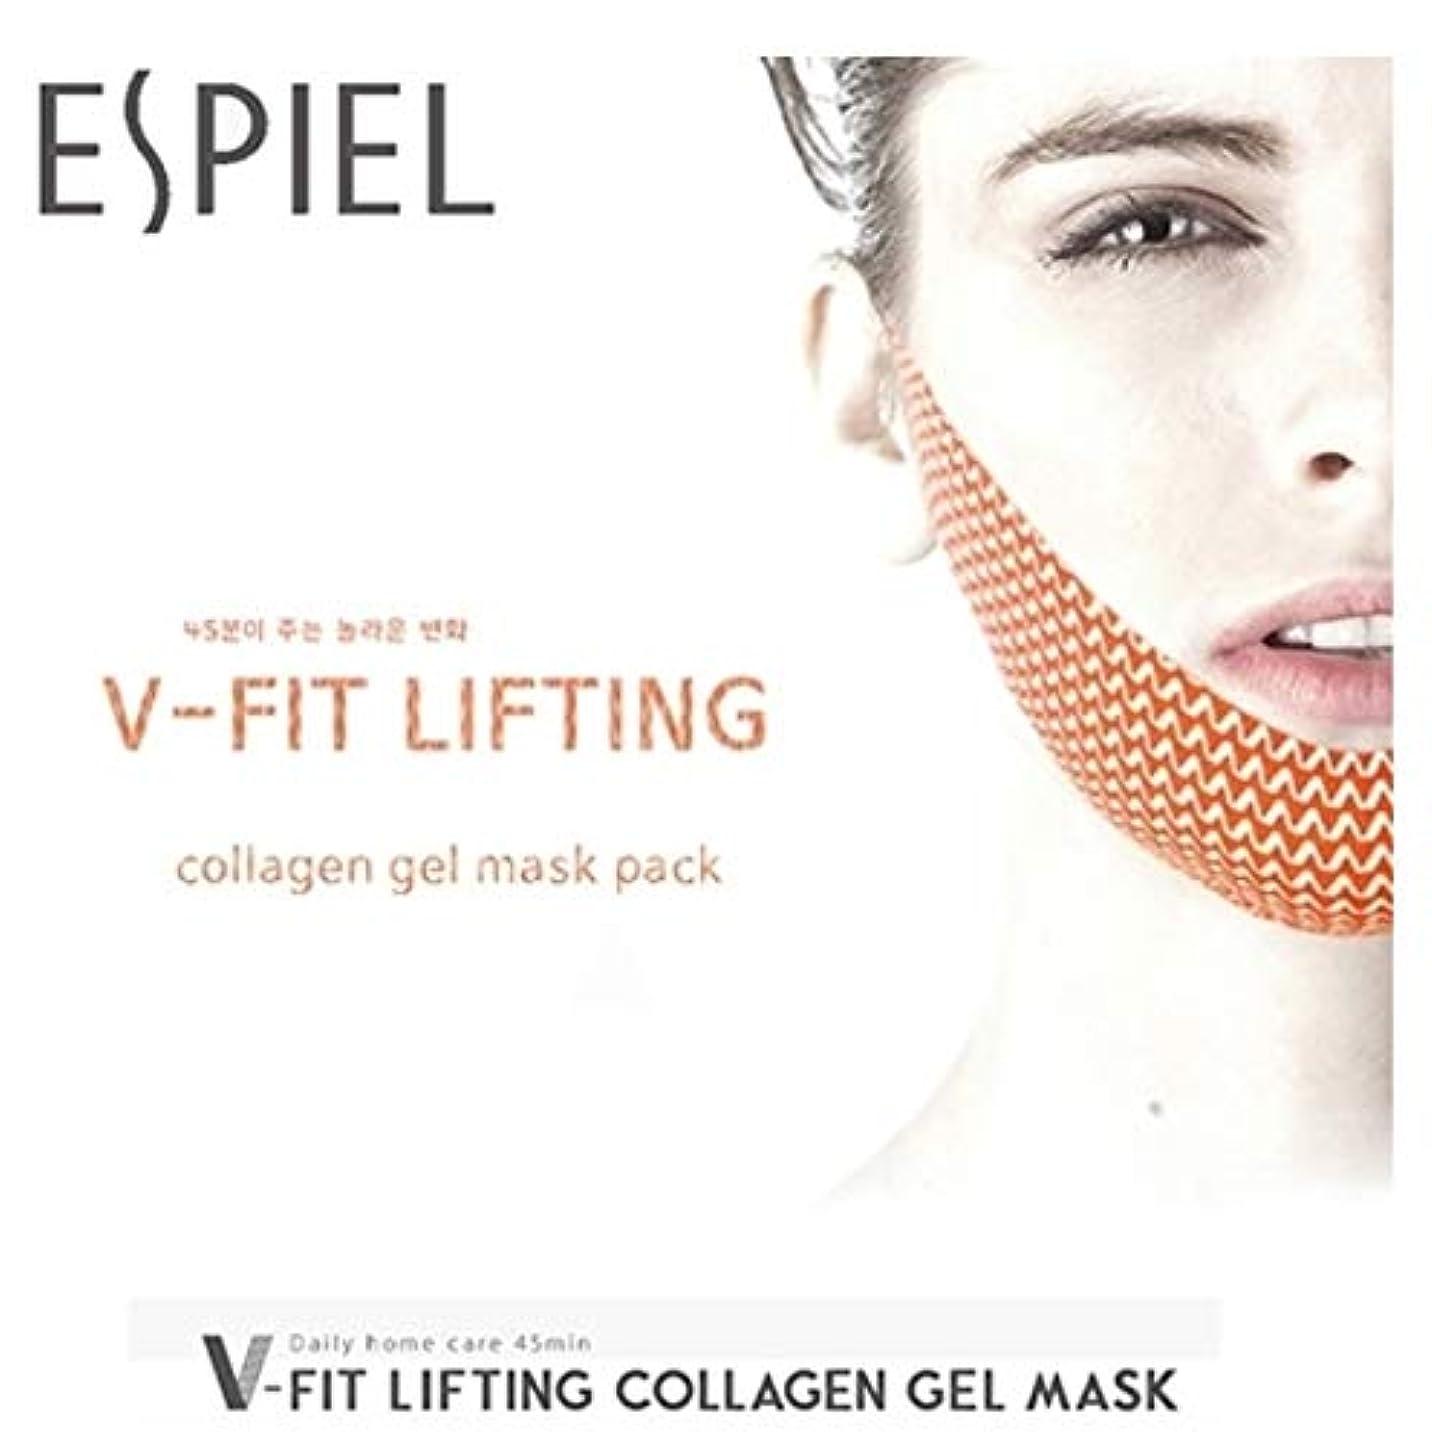 壮大なビルダーできれば【ESPIEL]五ピットリフティングコラーゲンゲルマスク(5EA)/ V FIT LIFTING COLLAGEN GEL MASK(5EA)